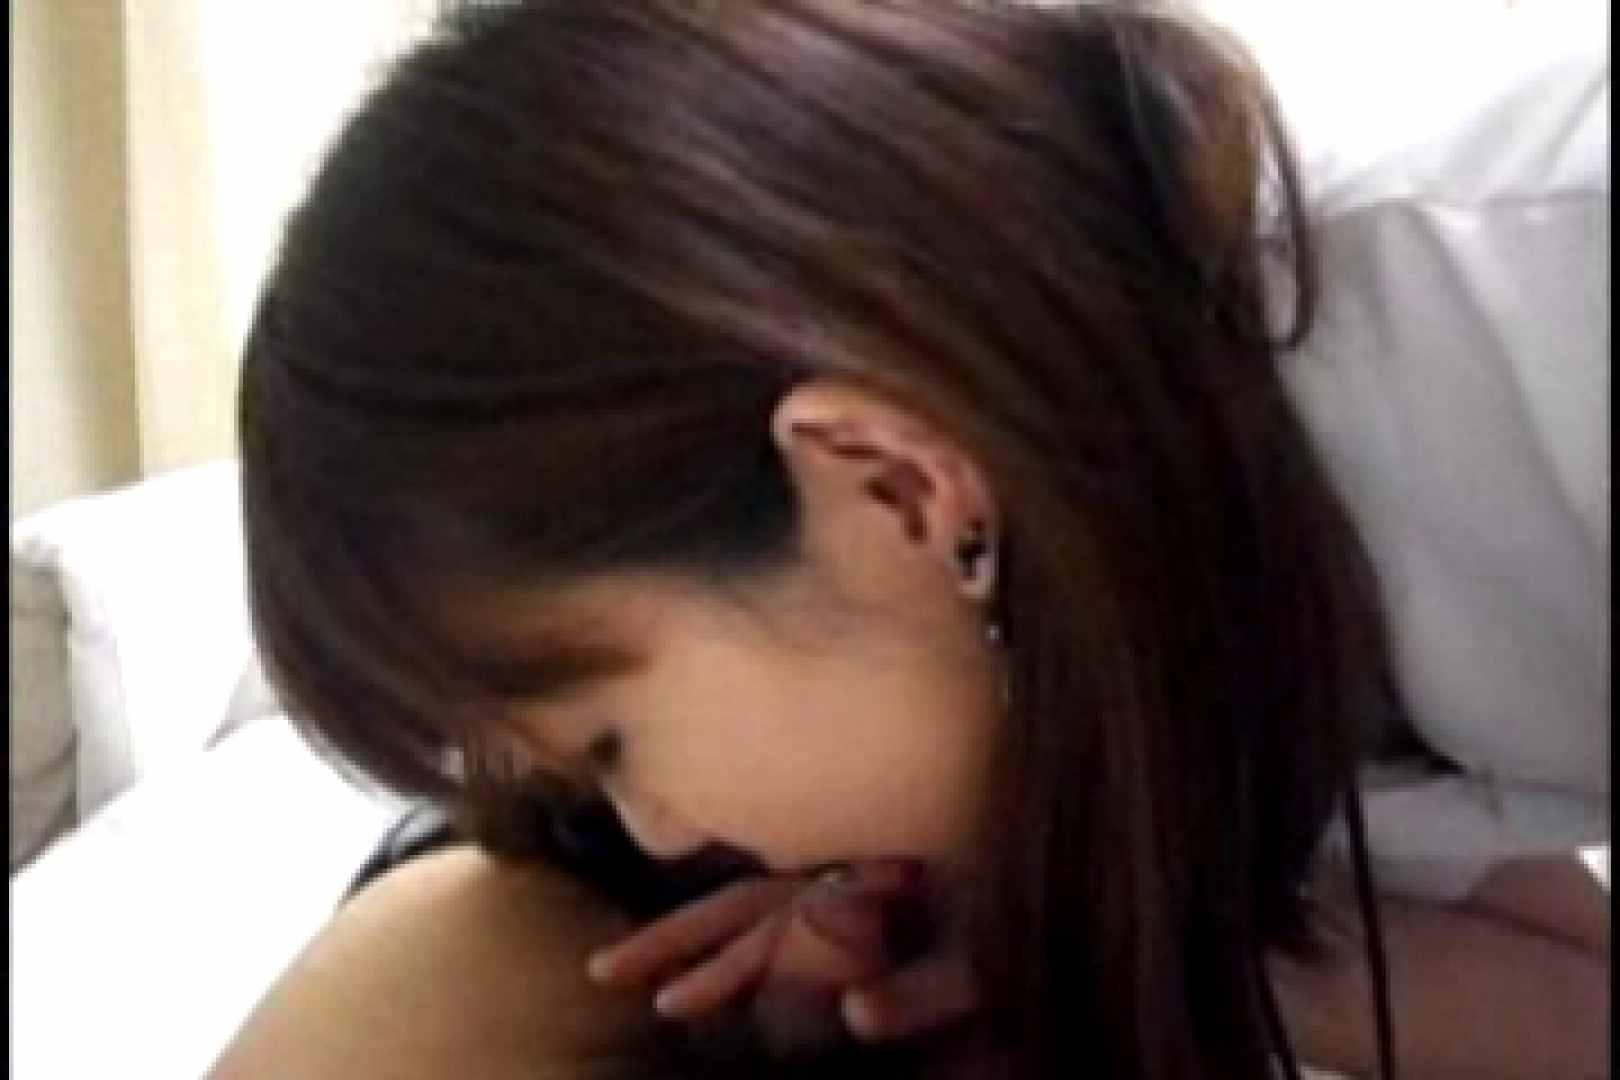 ヤリマンと呼ばれた看護士さんvol1 エッチなOL セックス無修正動画無料 99枚 68